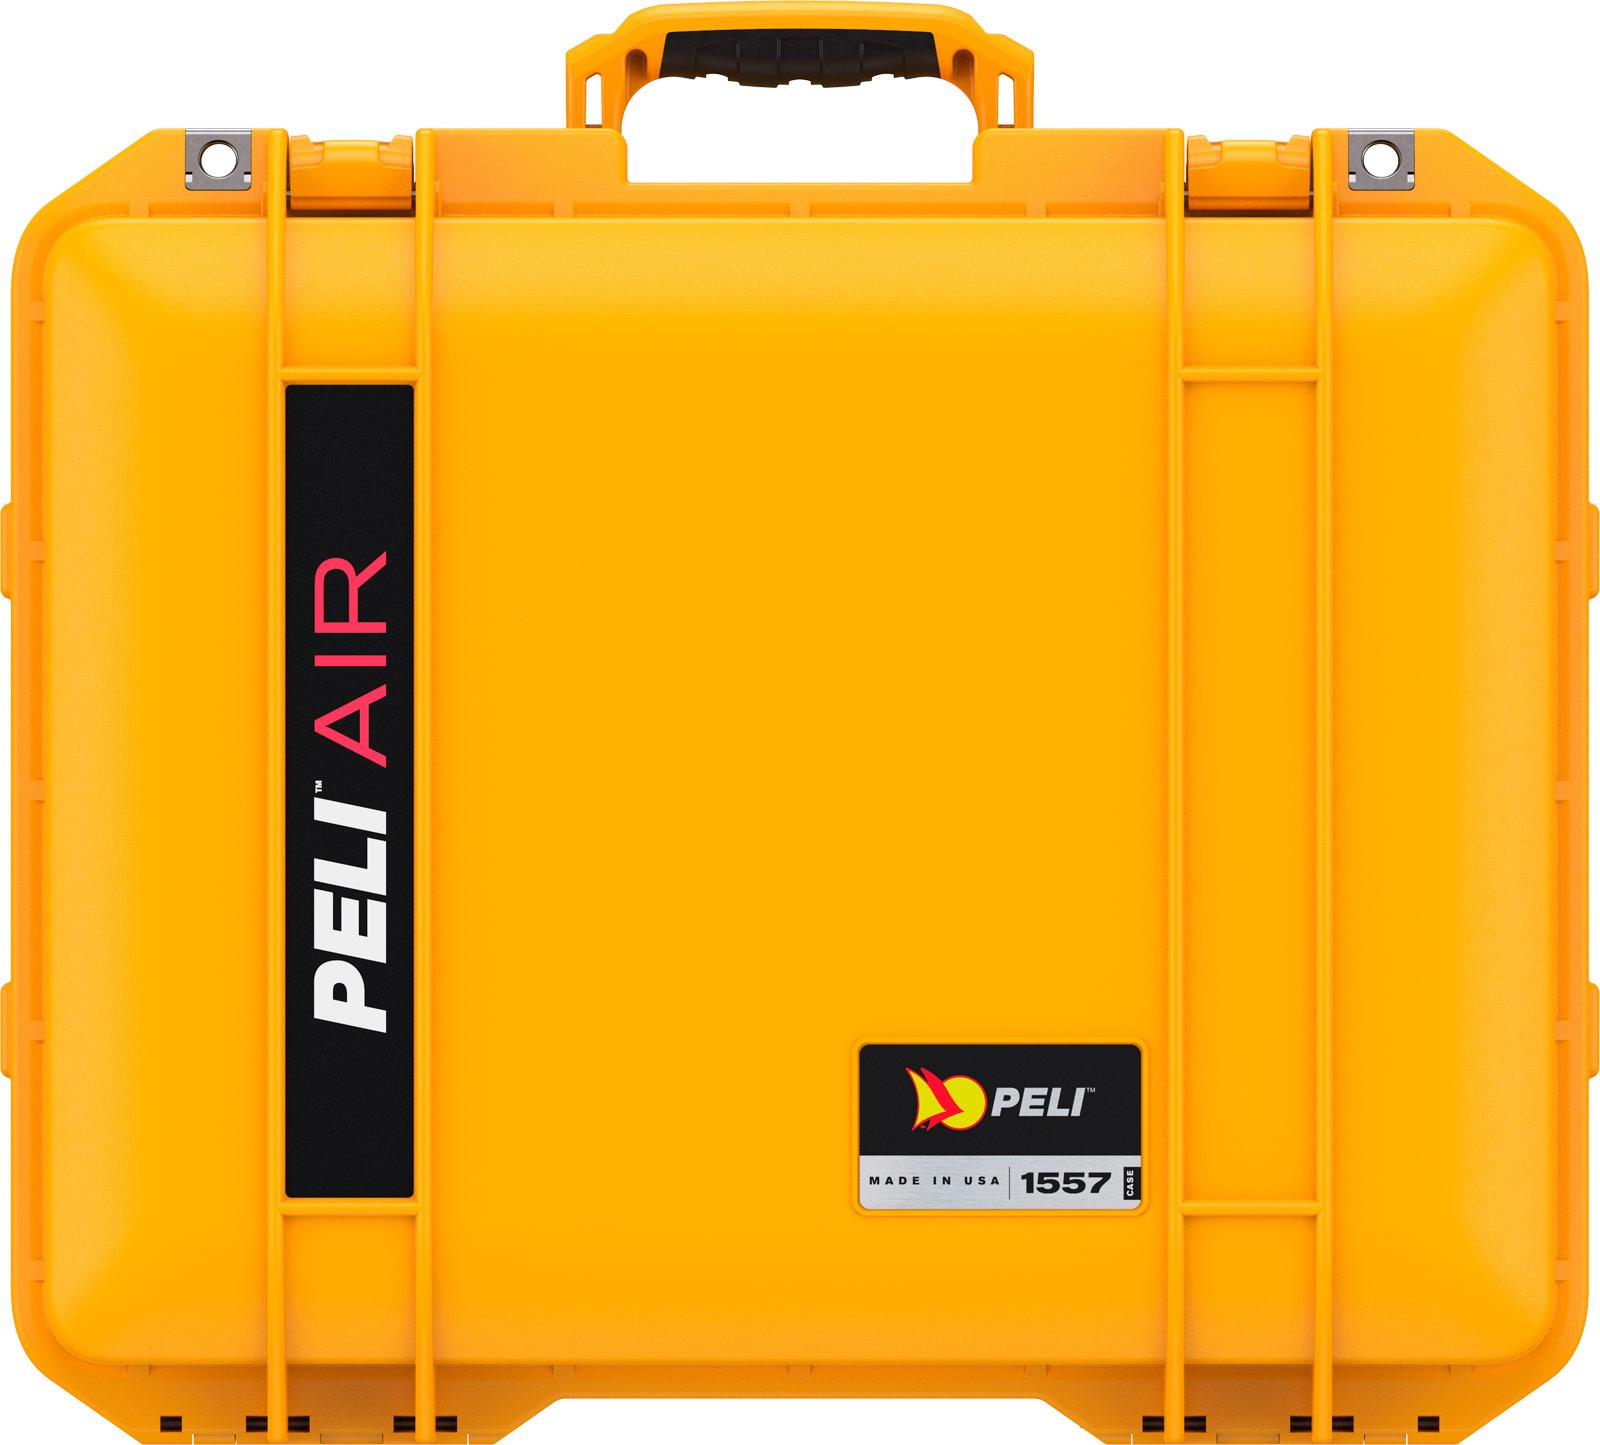 peli 1557 yellow durable quality case